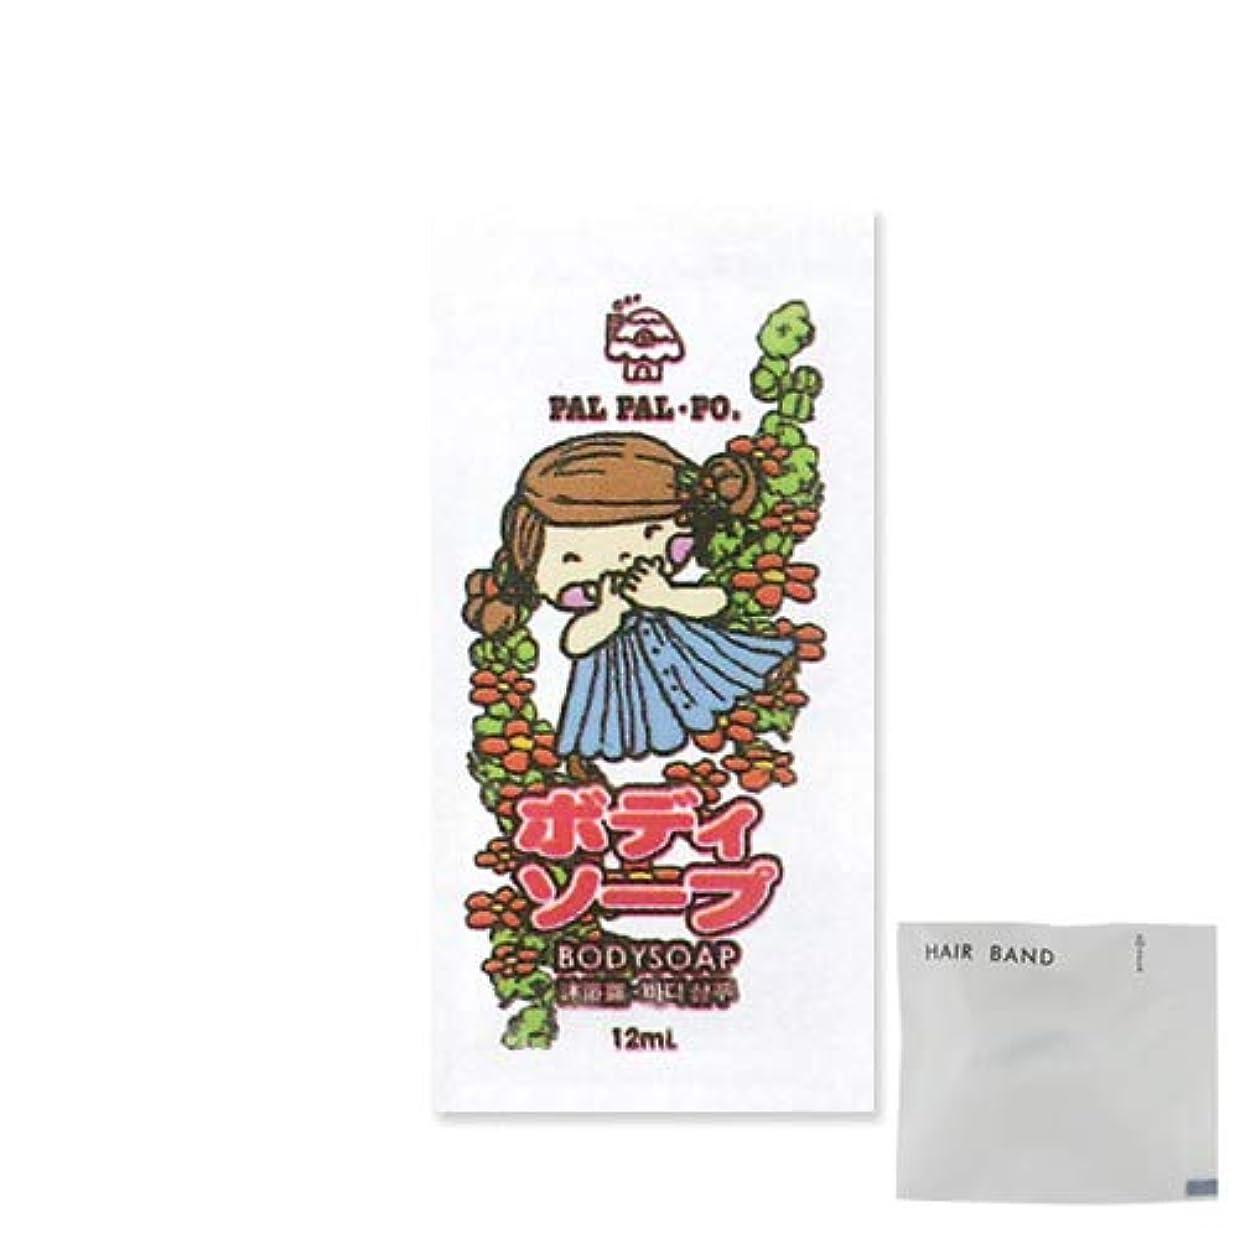 感心する寛容な投げるパルパルポー(PAL PAL?PO) 子供用 ボディソープ(12mL) フローラルの香り ×20個セット + ヘアゴム(カラーはおまかせ)セット